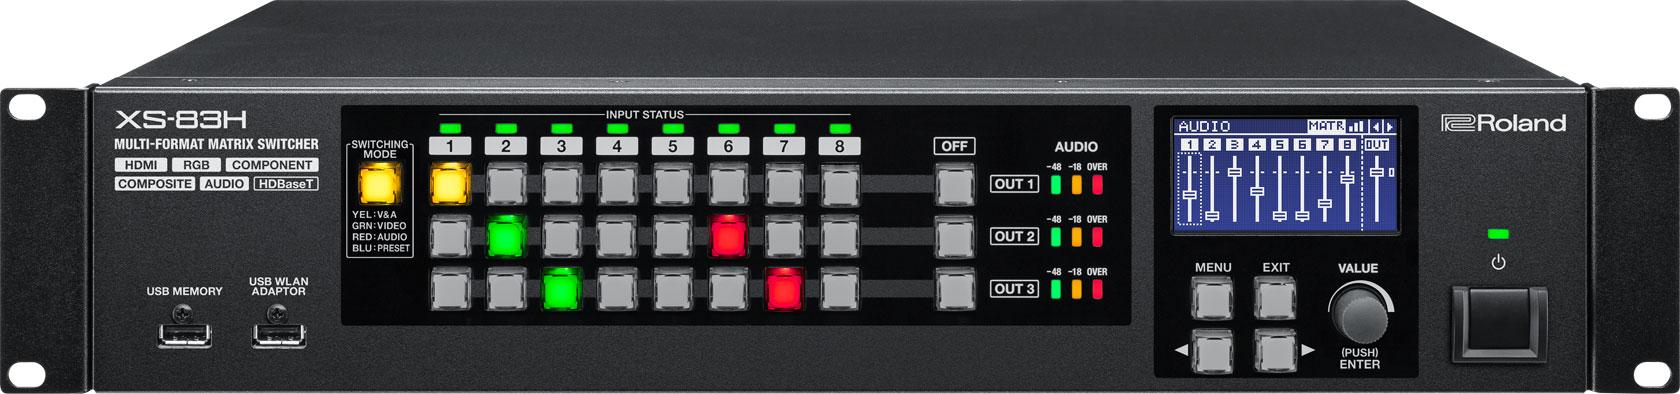 Afbeelding van Roland XS-83H Multi Format AV Matrix Switcher 8 in / 3 uit